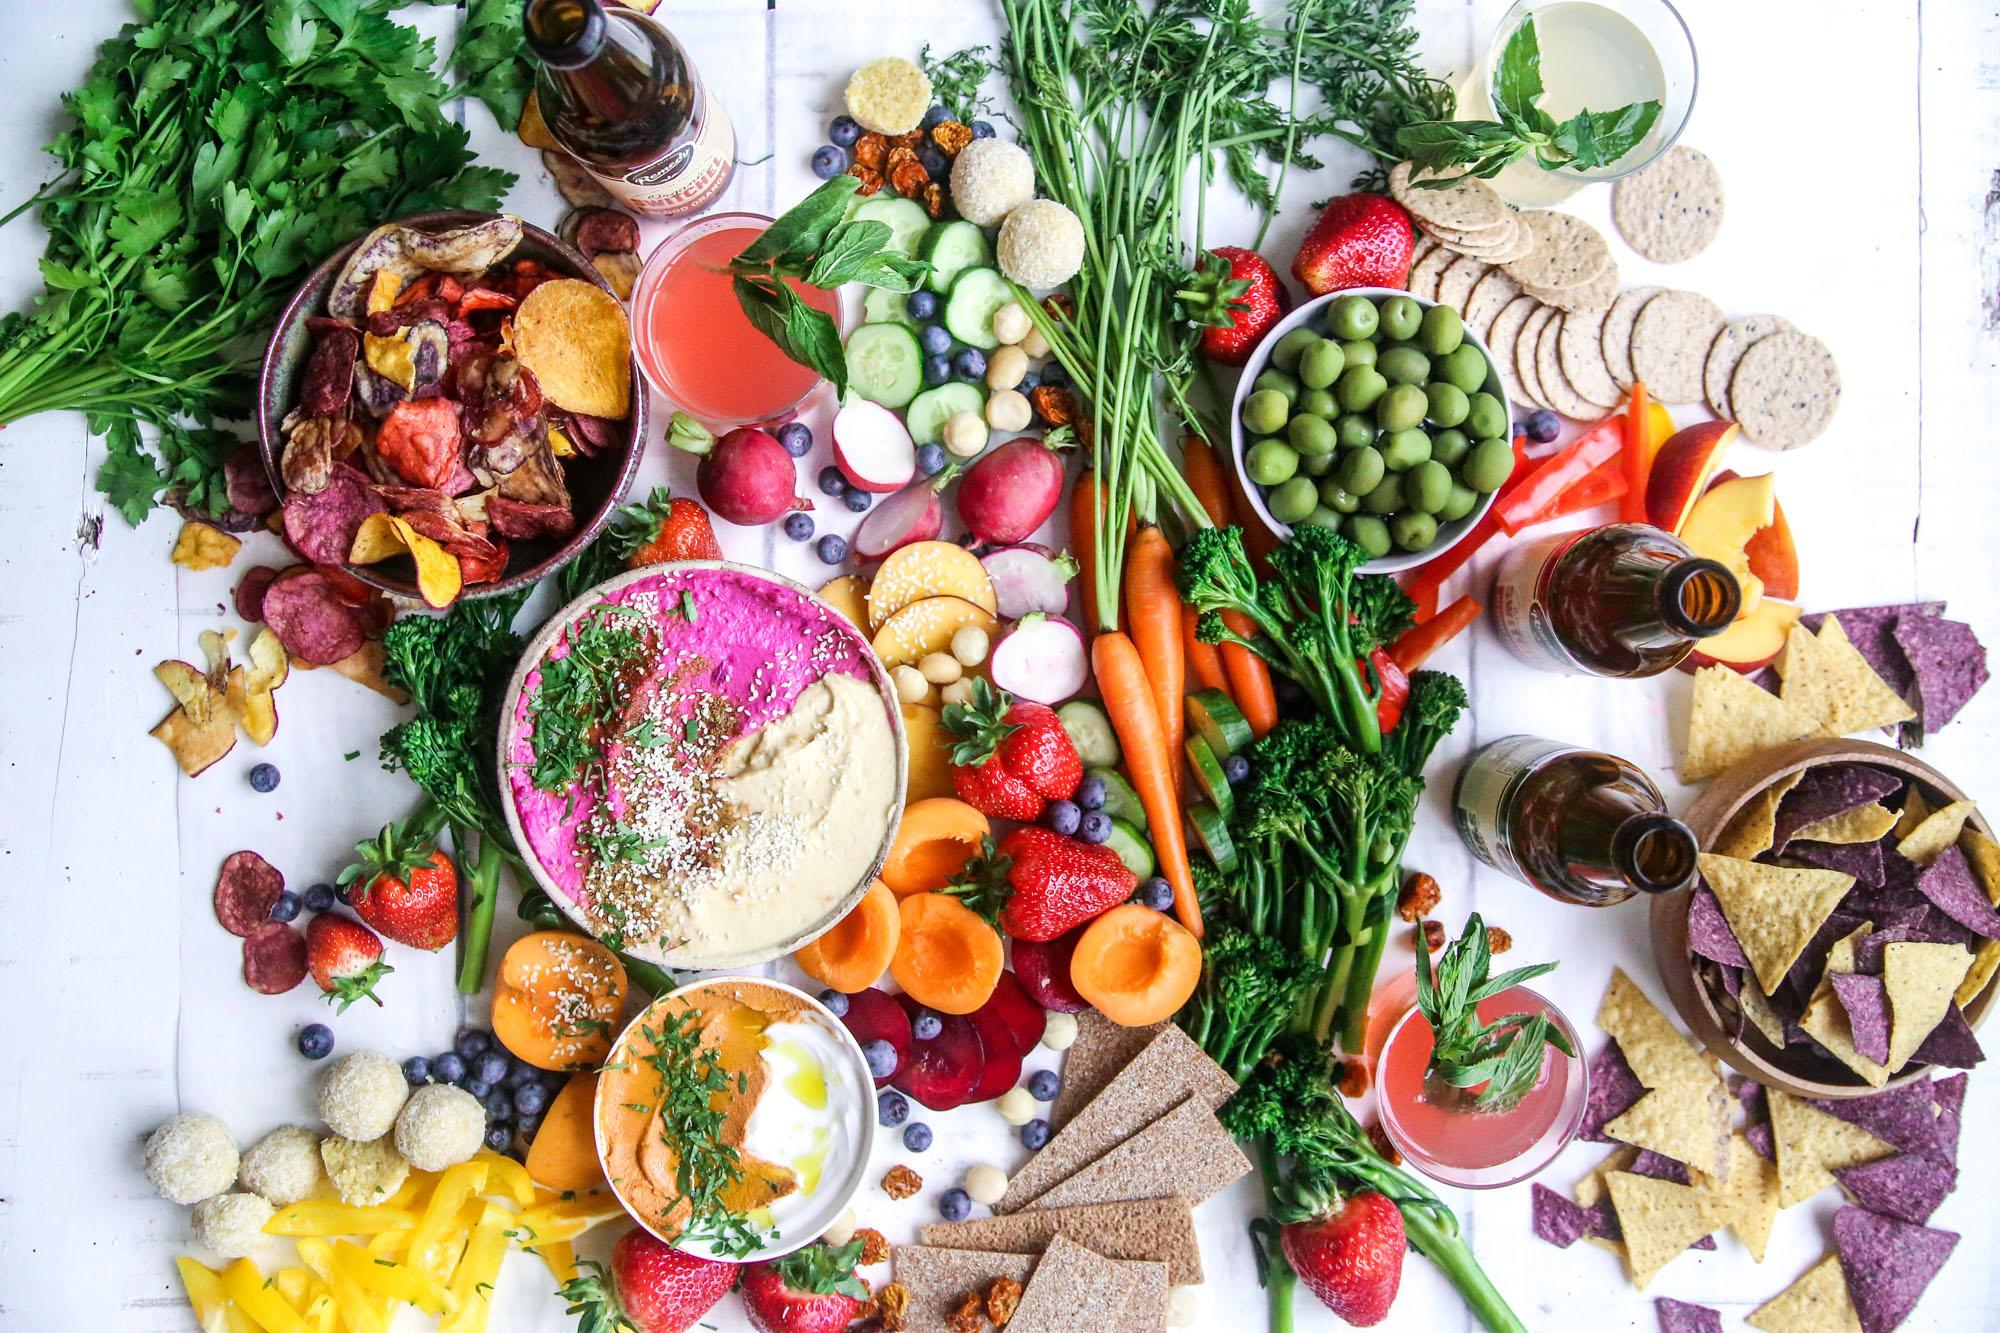 Remedy Kombucha festive food swaps